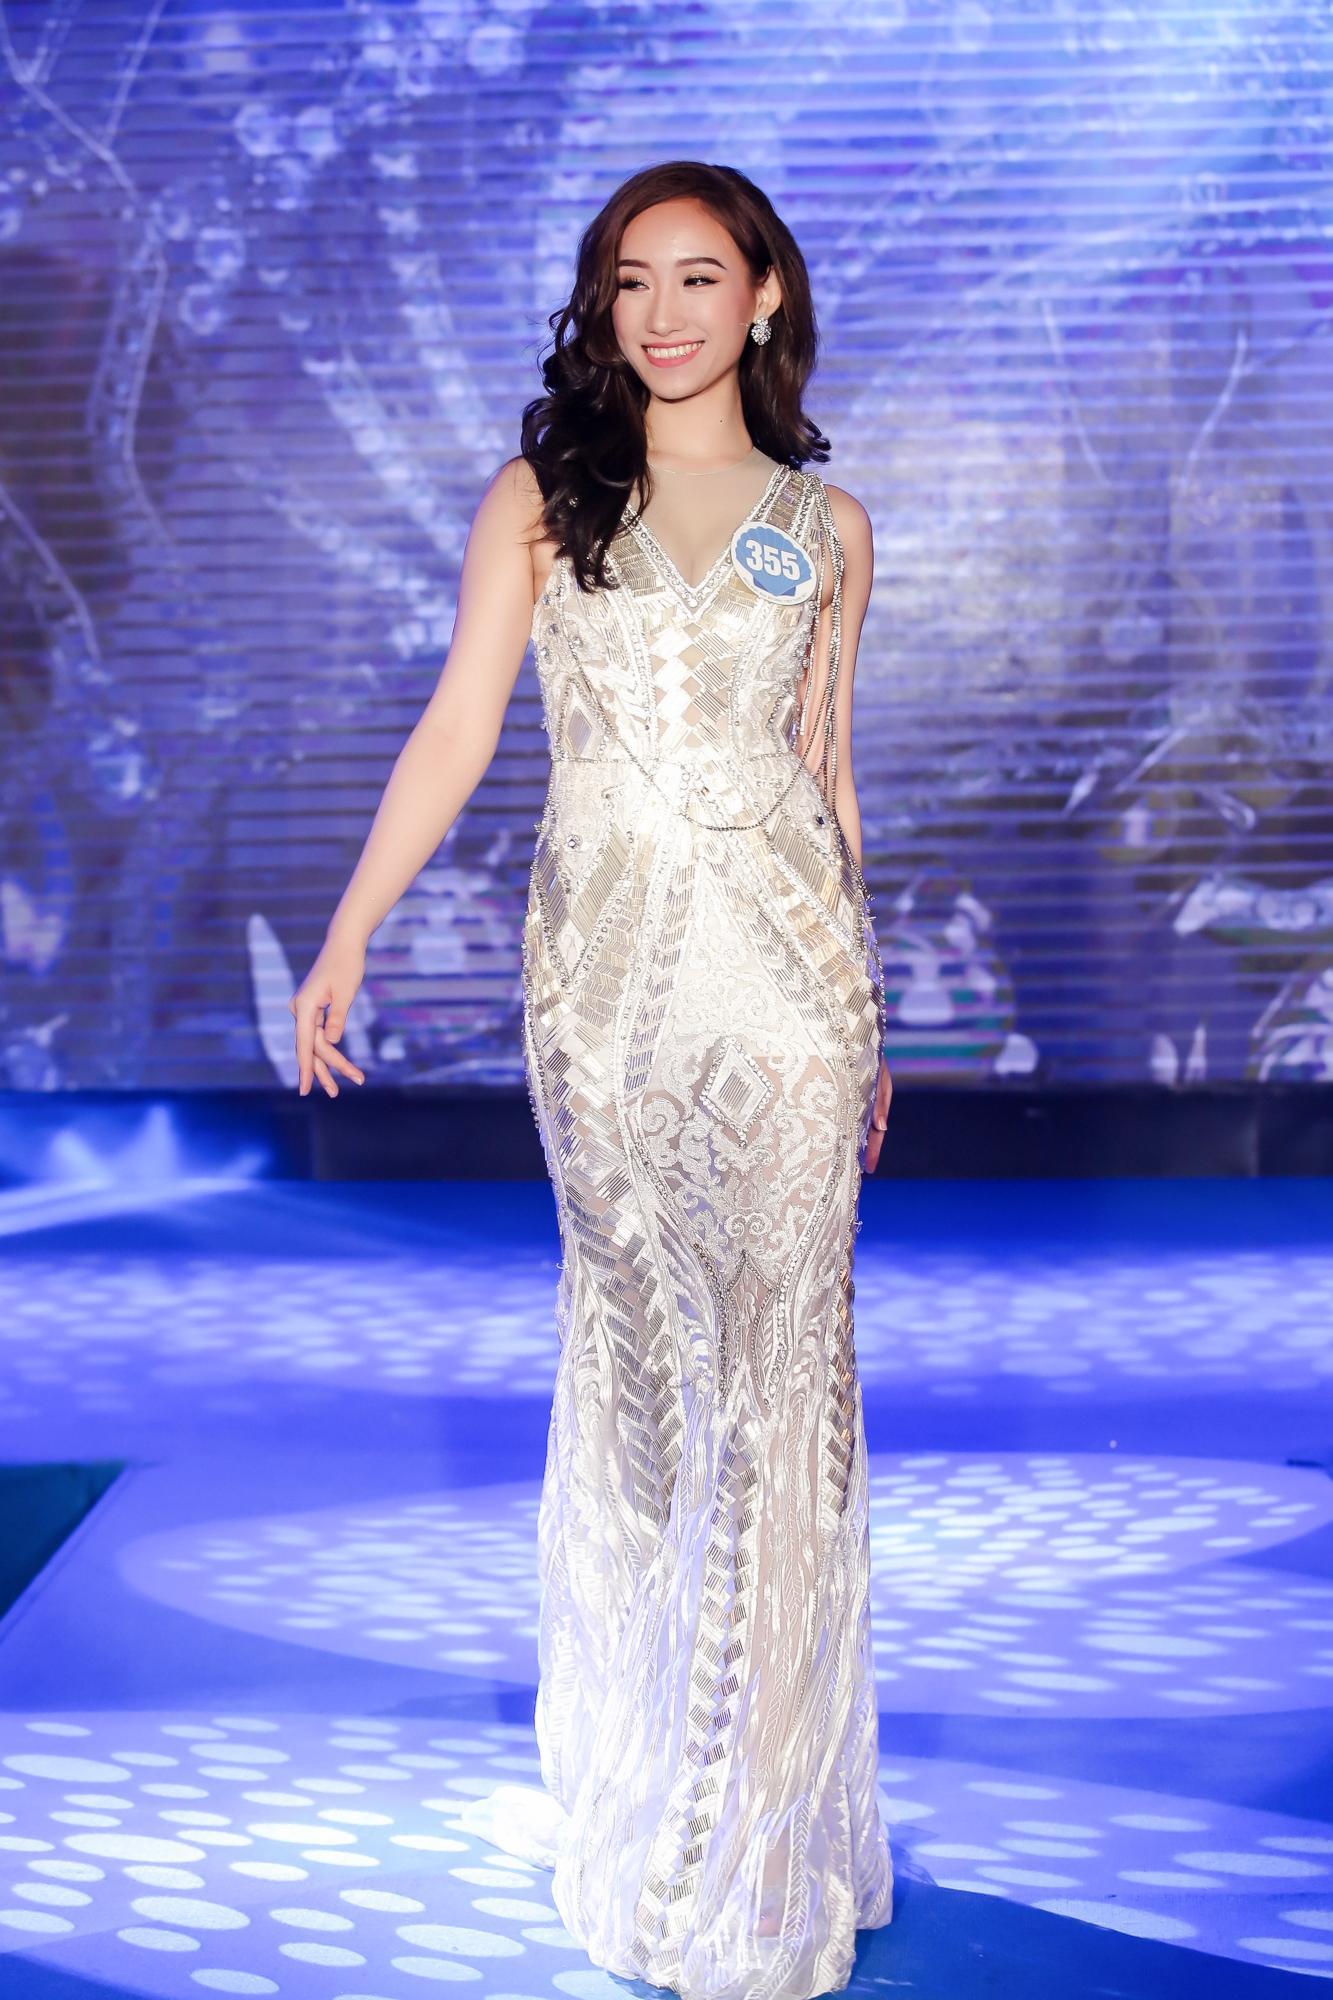 Con gái quả bom sex Việt Kiều Trinh vào chung kết Hoa hậu Đại Dương 2017-6